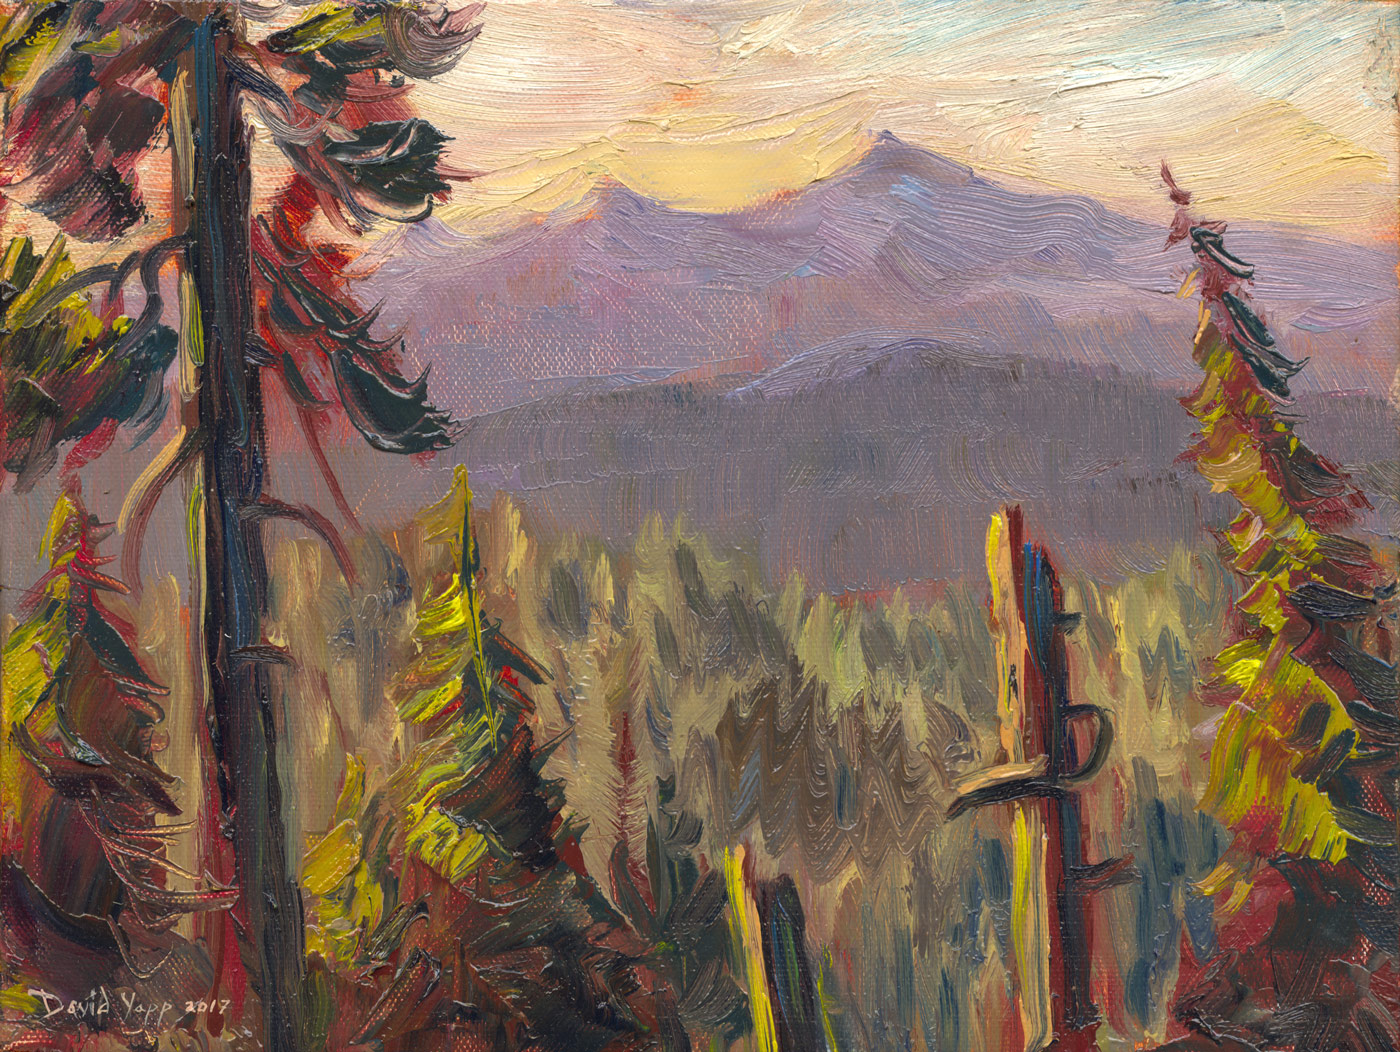 Primordial Forest Landscape